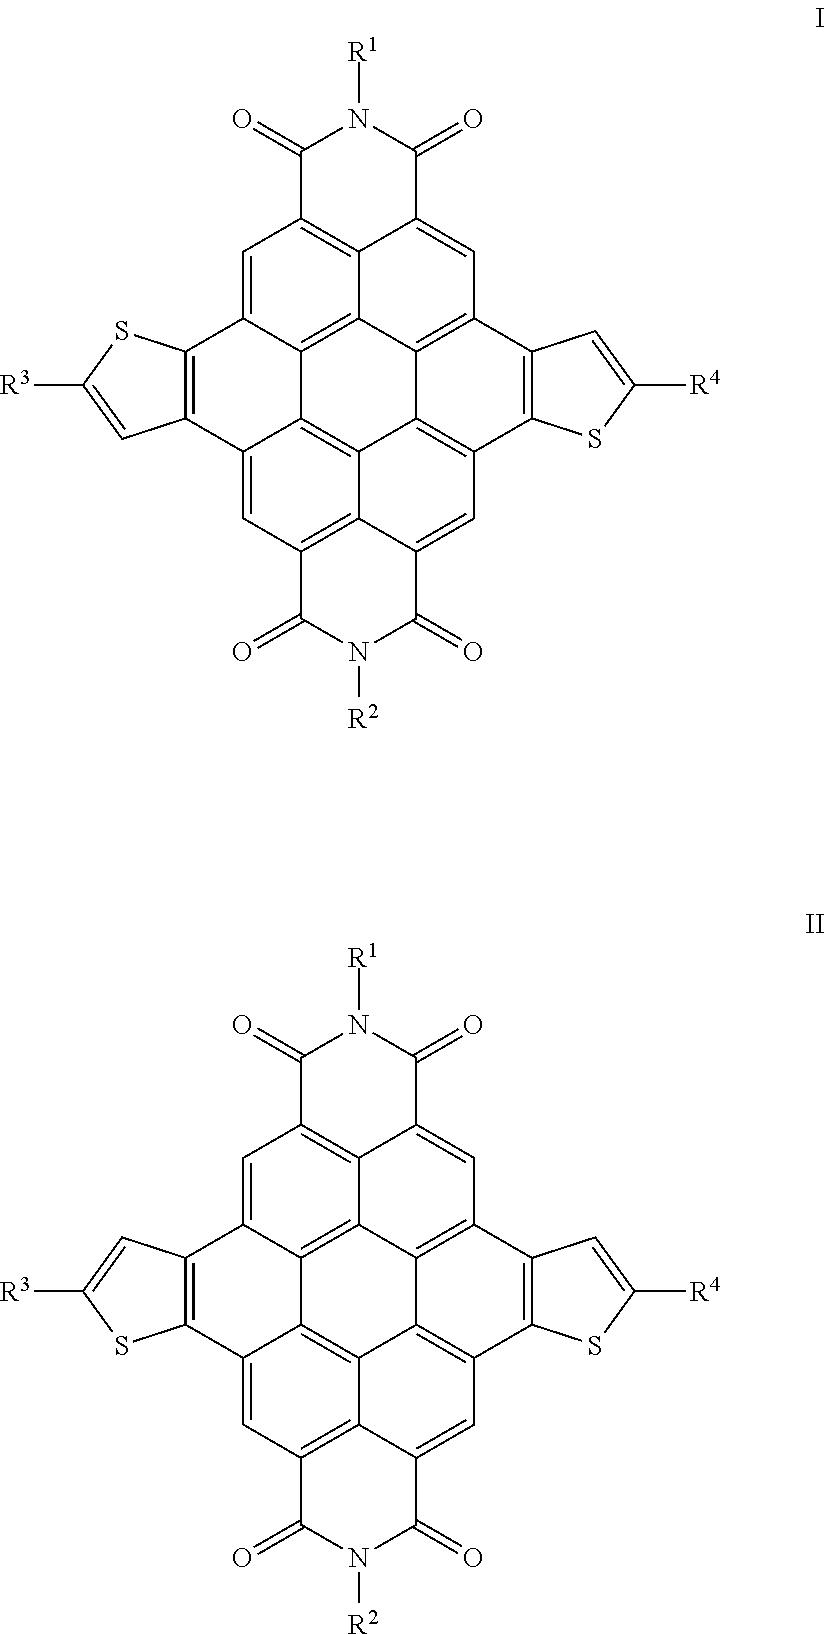 Figure US08329855-20121211-C00001